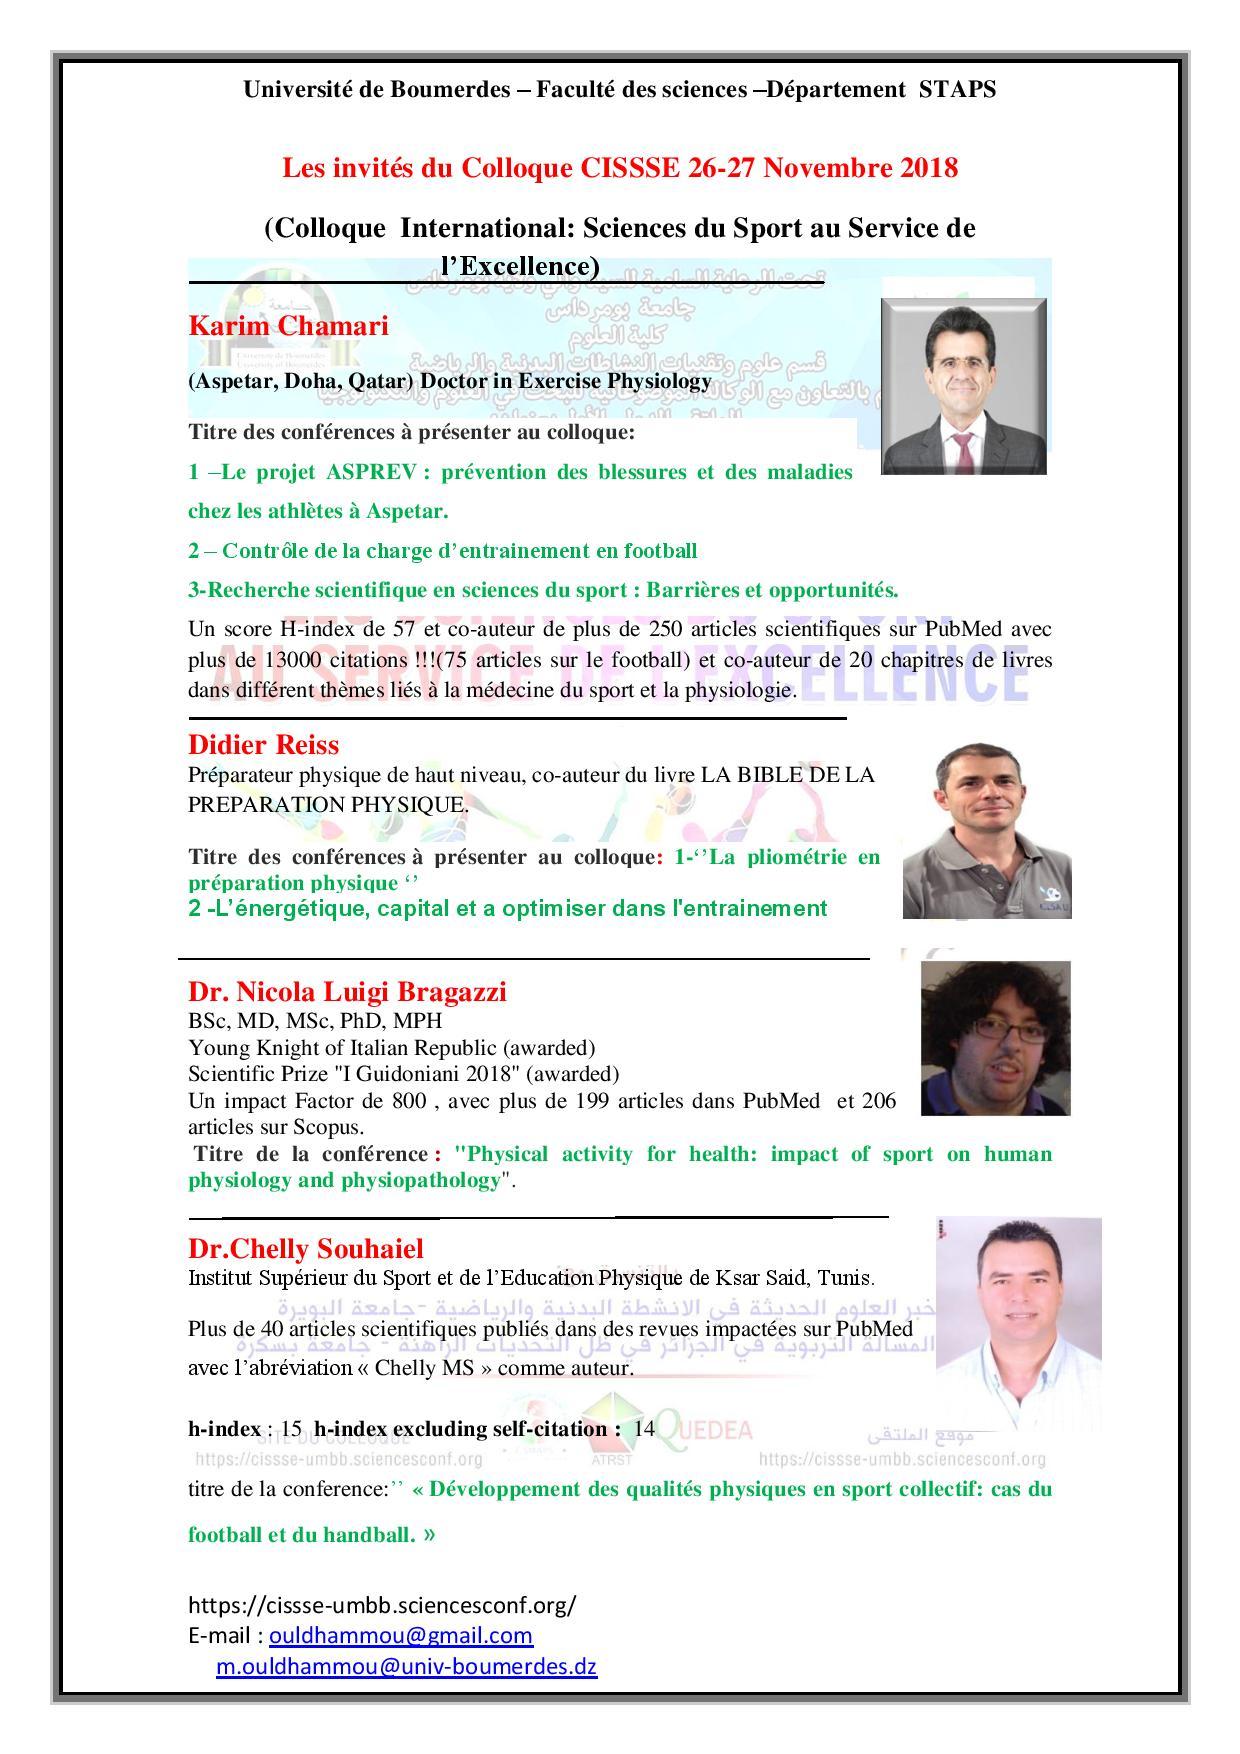 Les_invites_du_Colloque_CISSSE_26_2_page_3.jpg